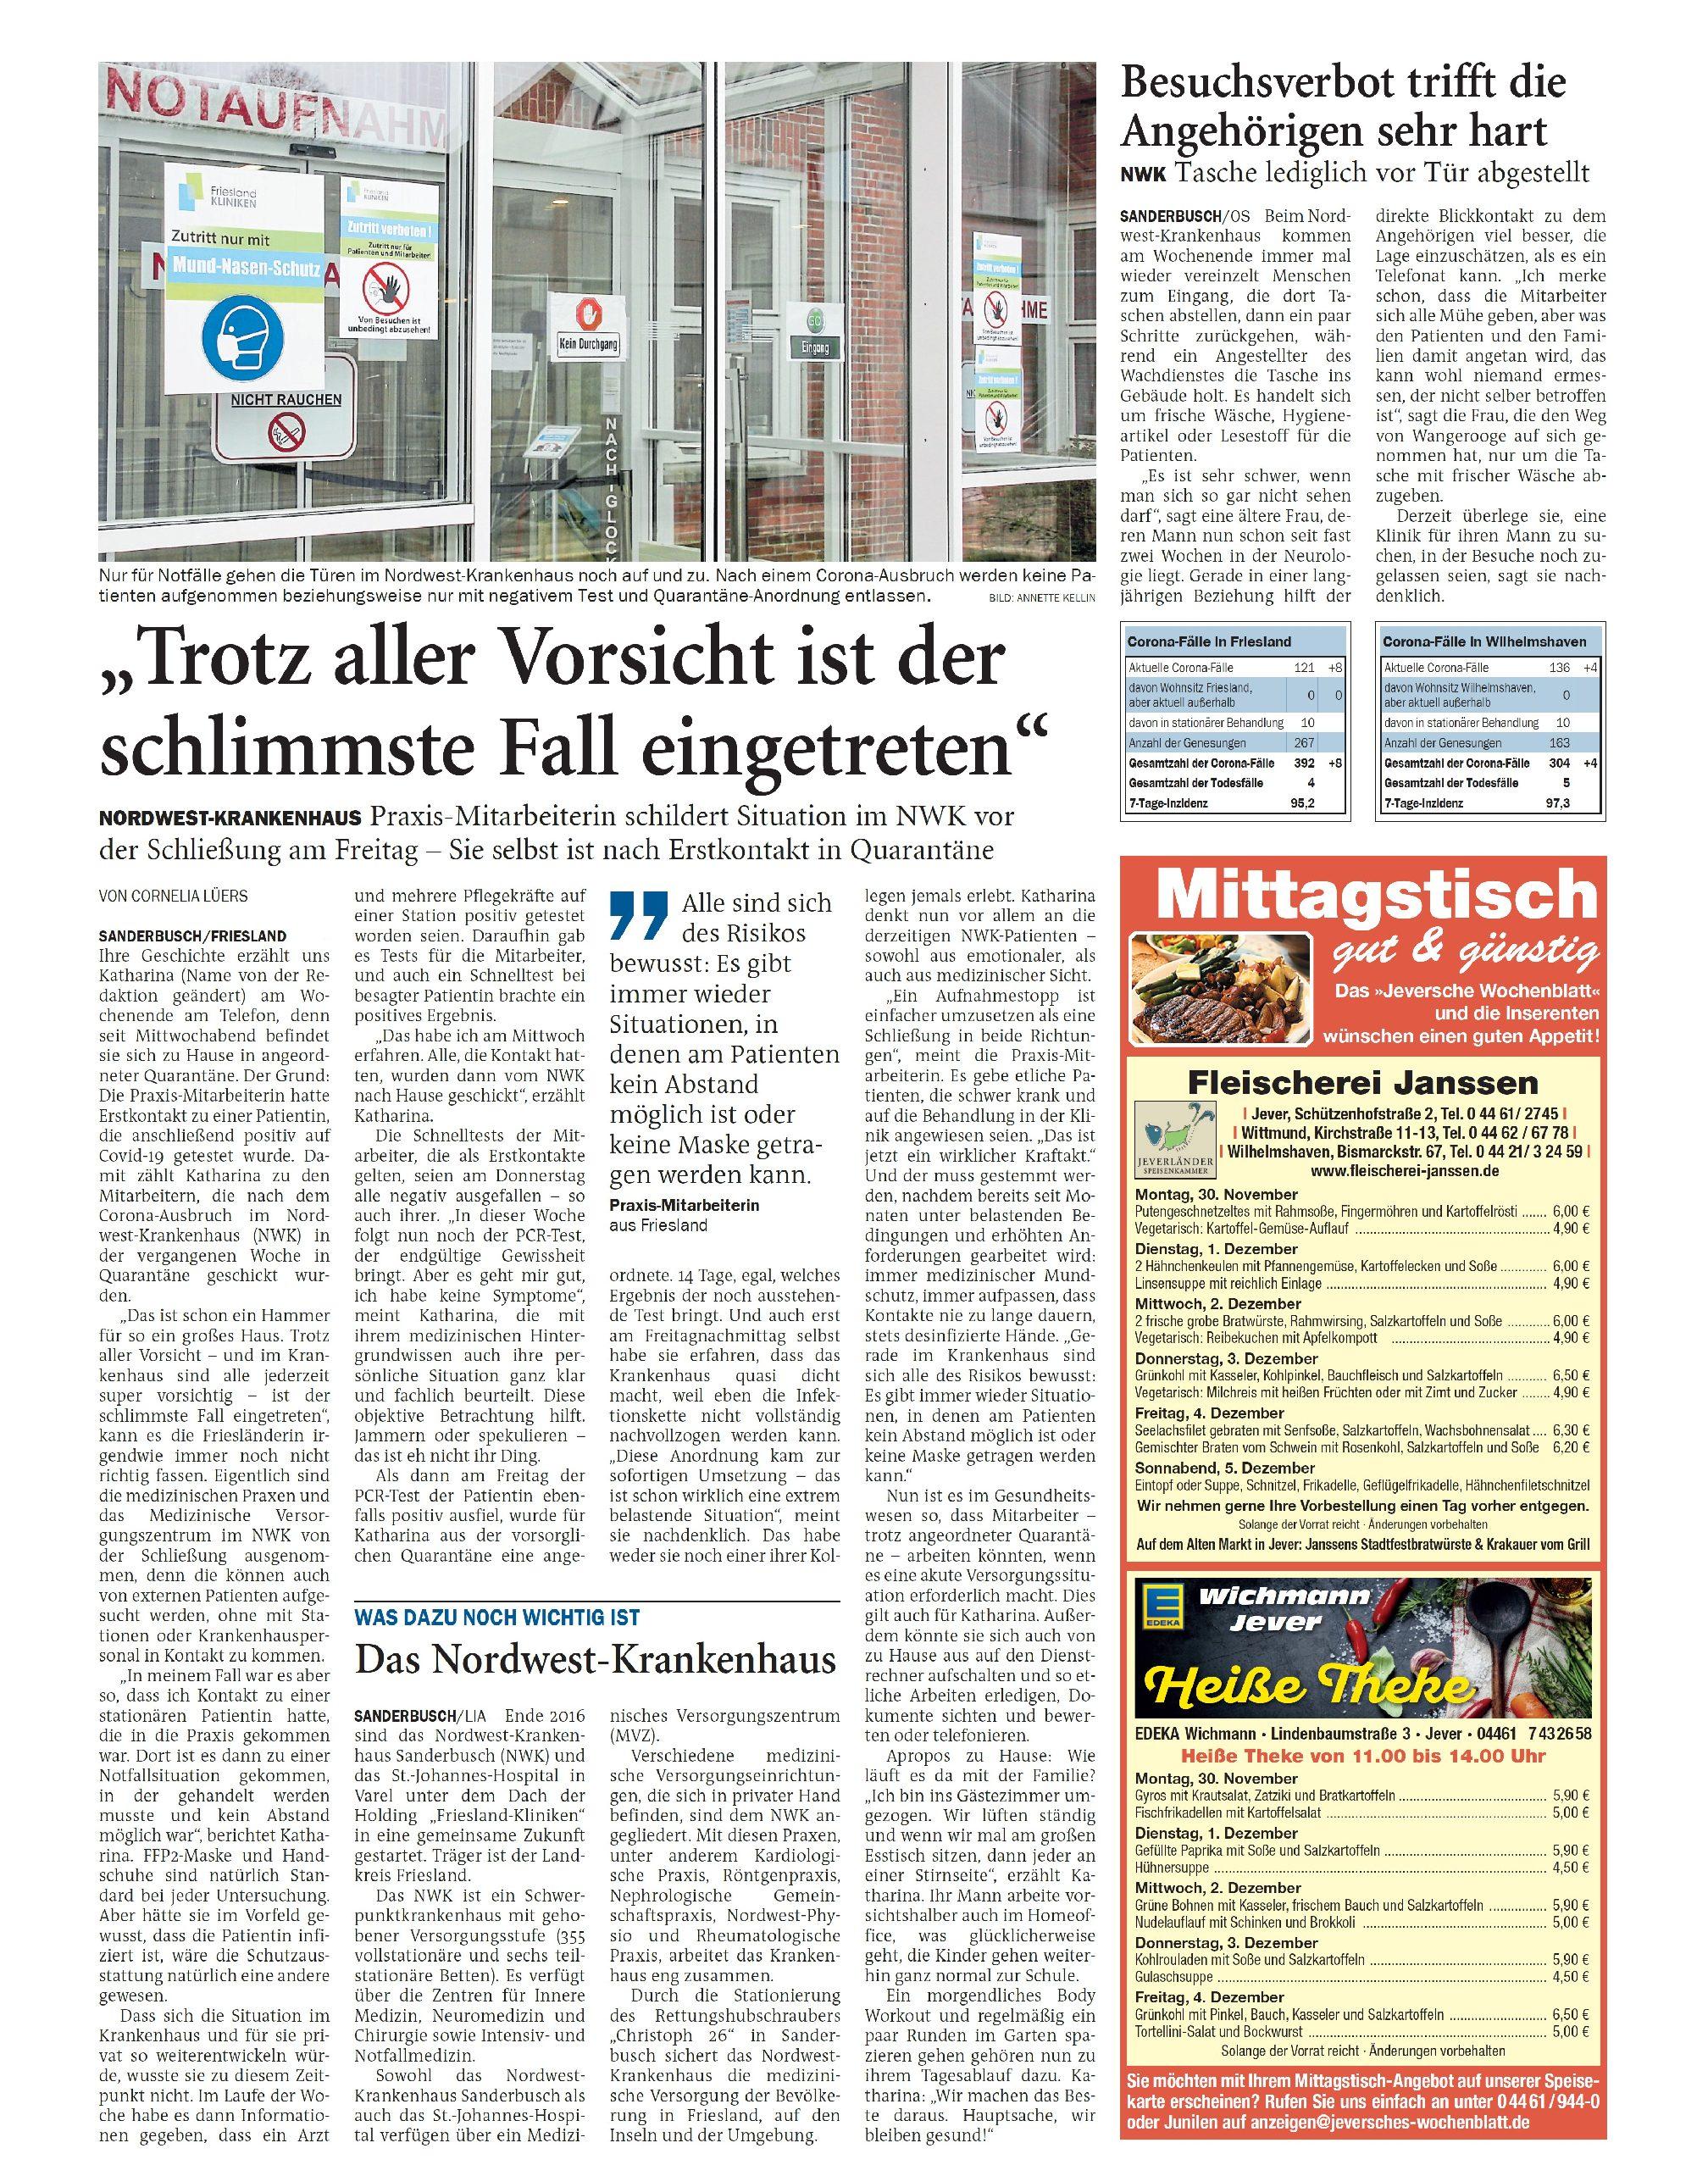 Jeversches Wochenblatt 30.11.2020 II